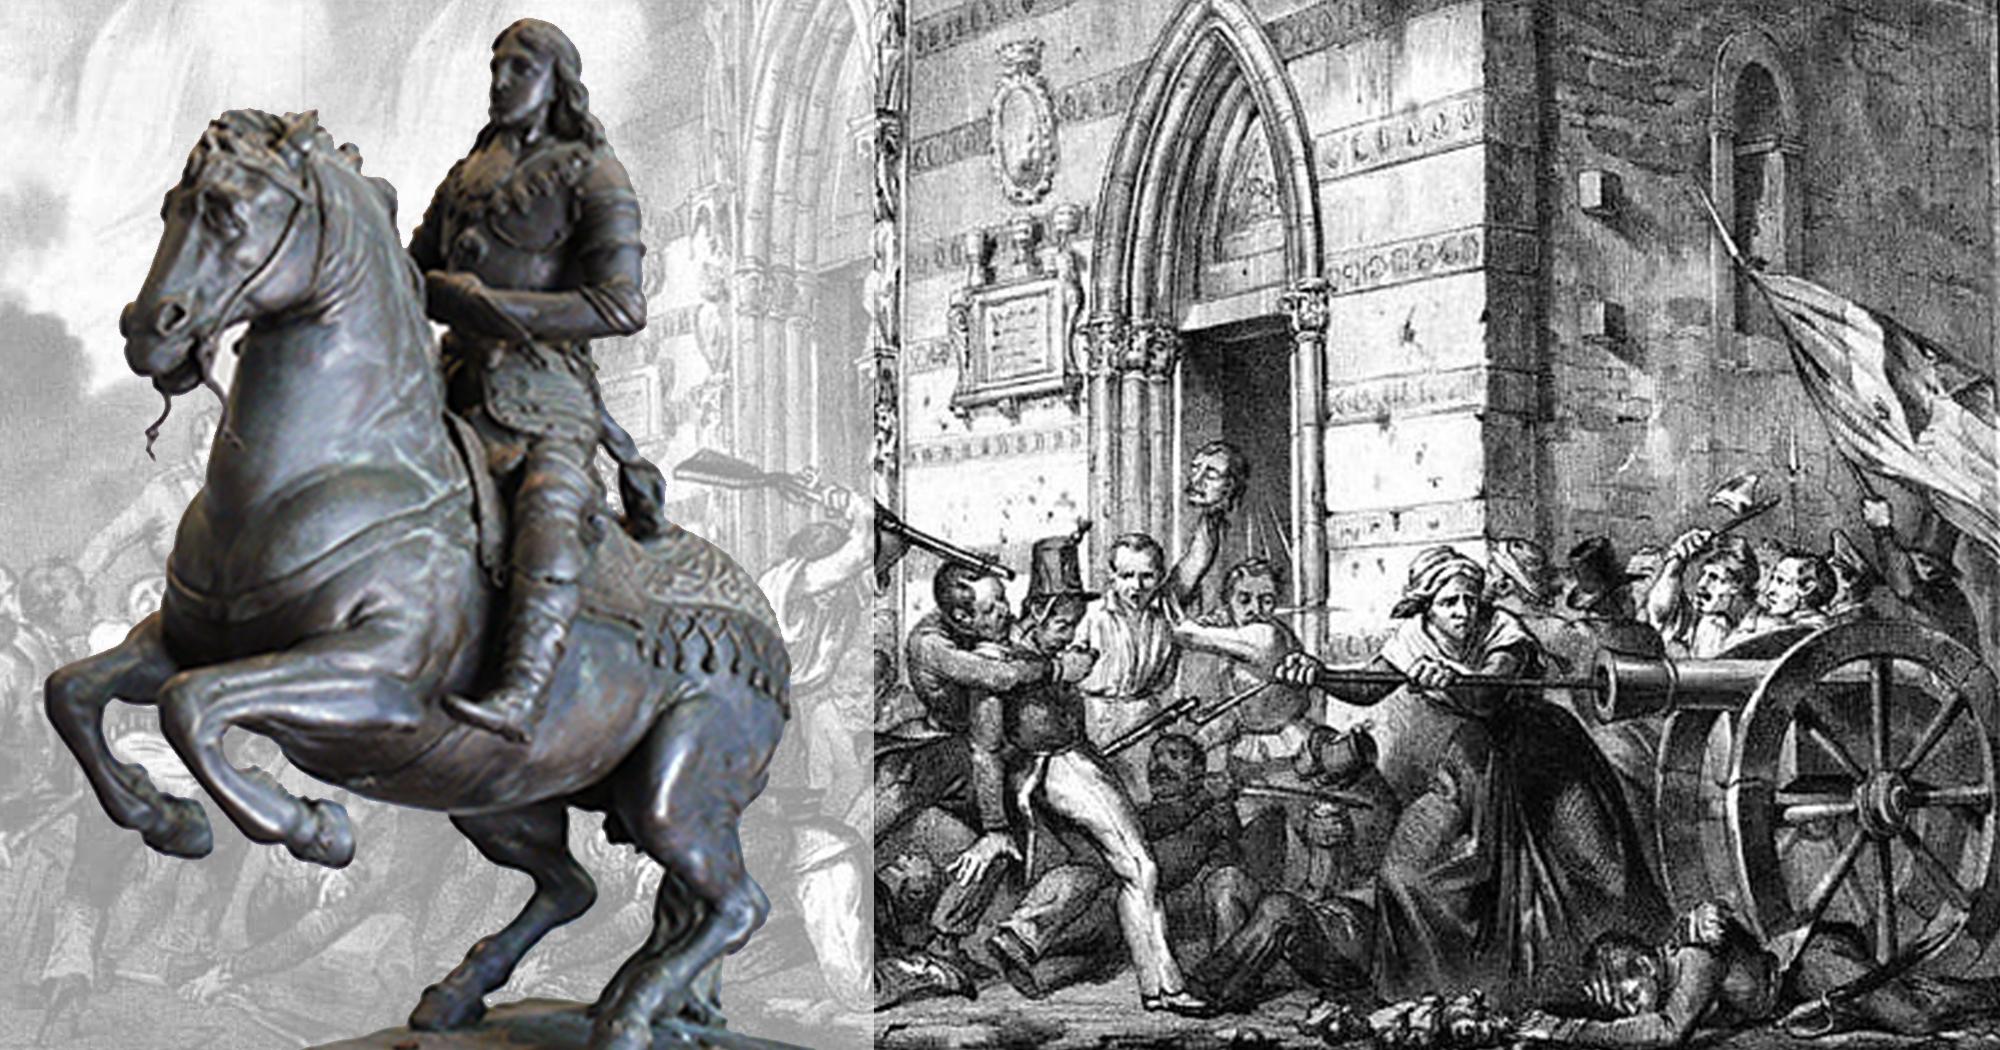 Al Pepoli di Trapani, il bozzetto del monumento a Re Carlo II, distrutto dai rivoluzionari siciliani